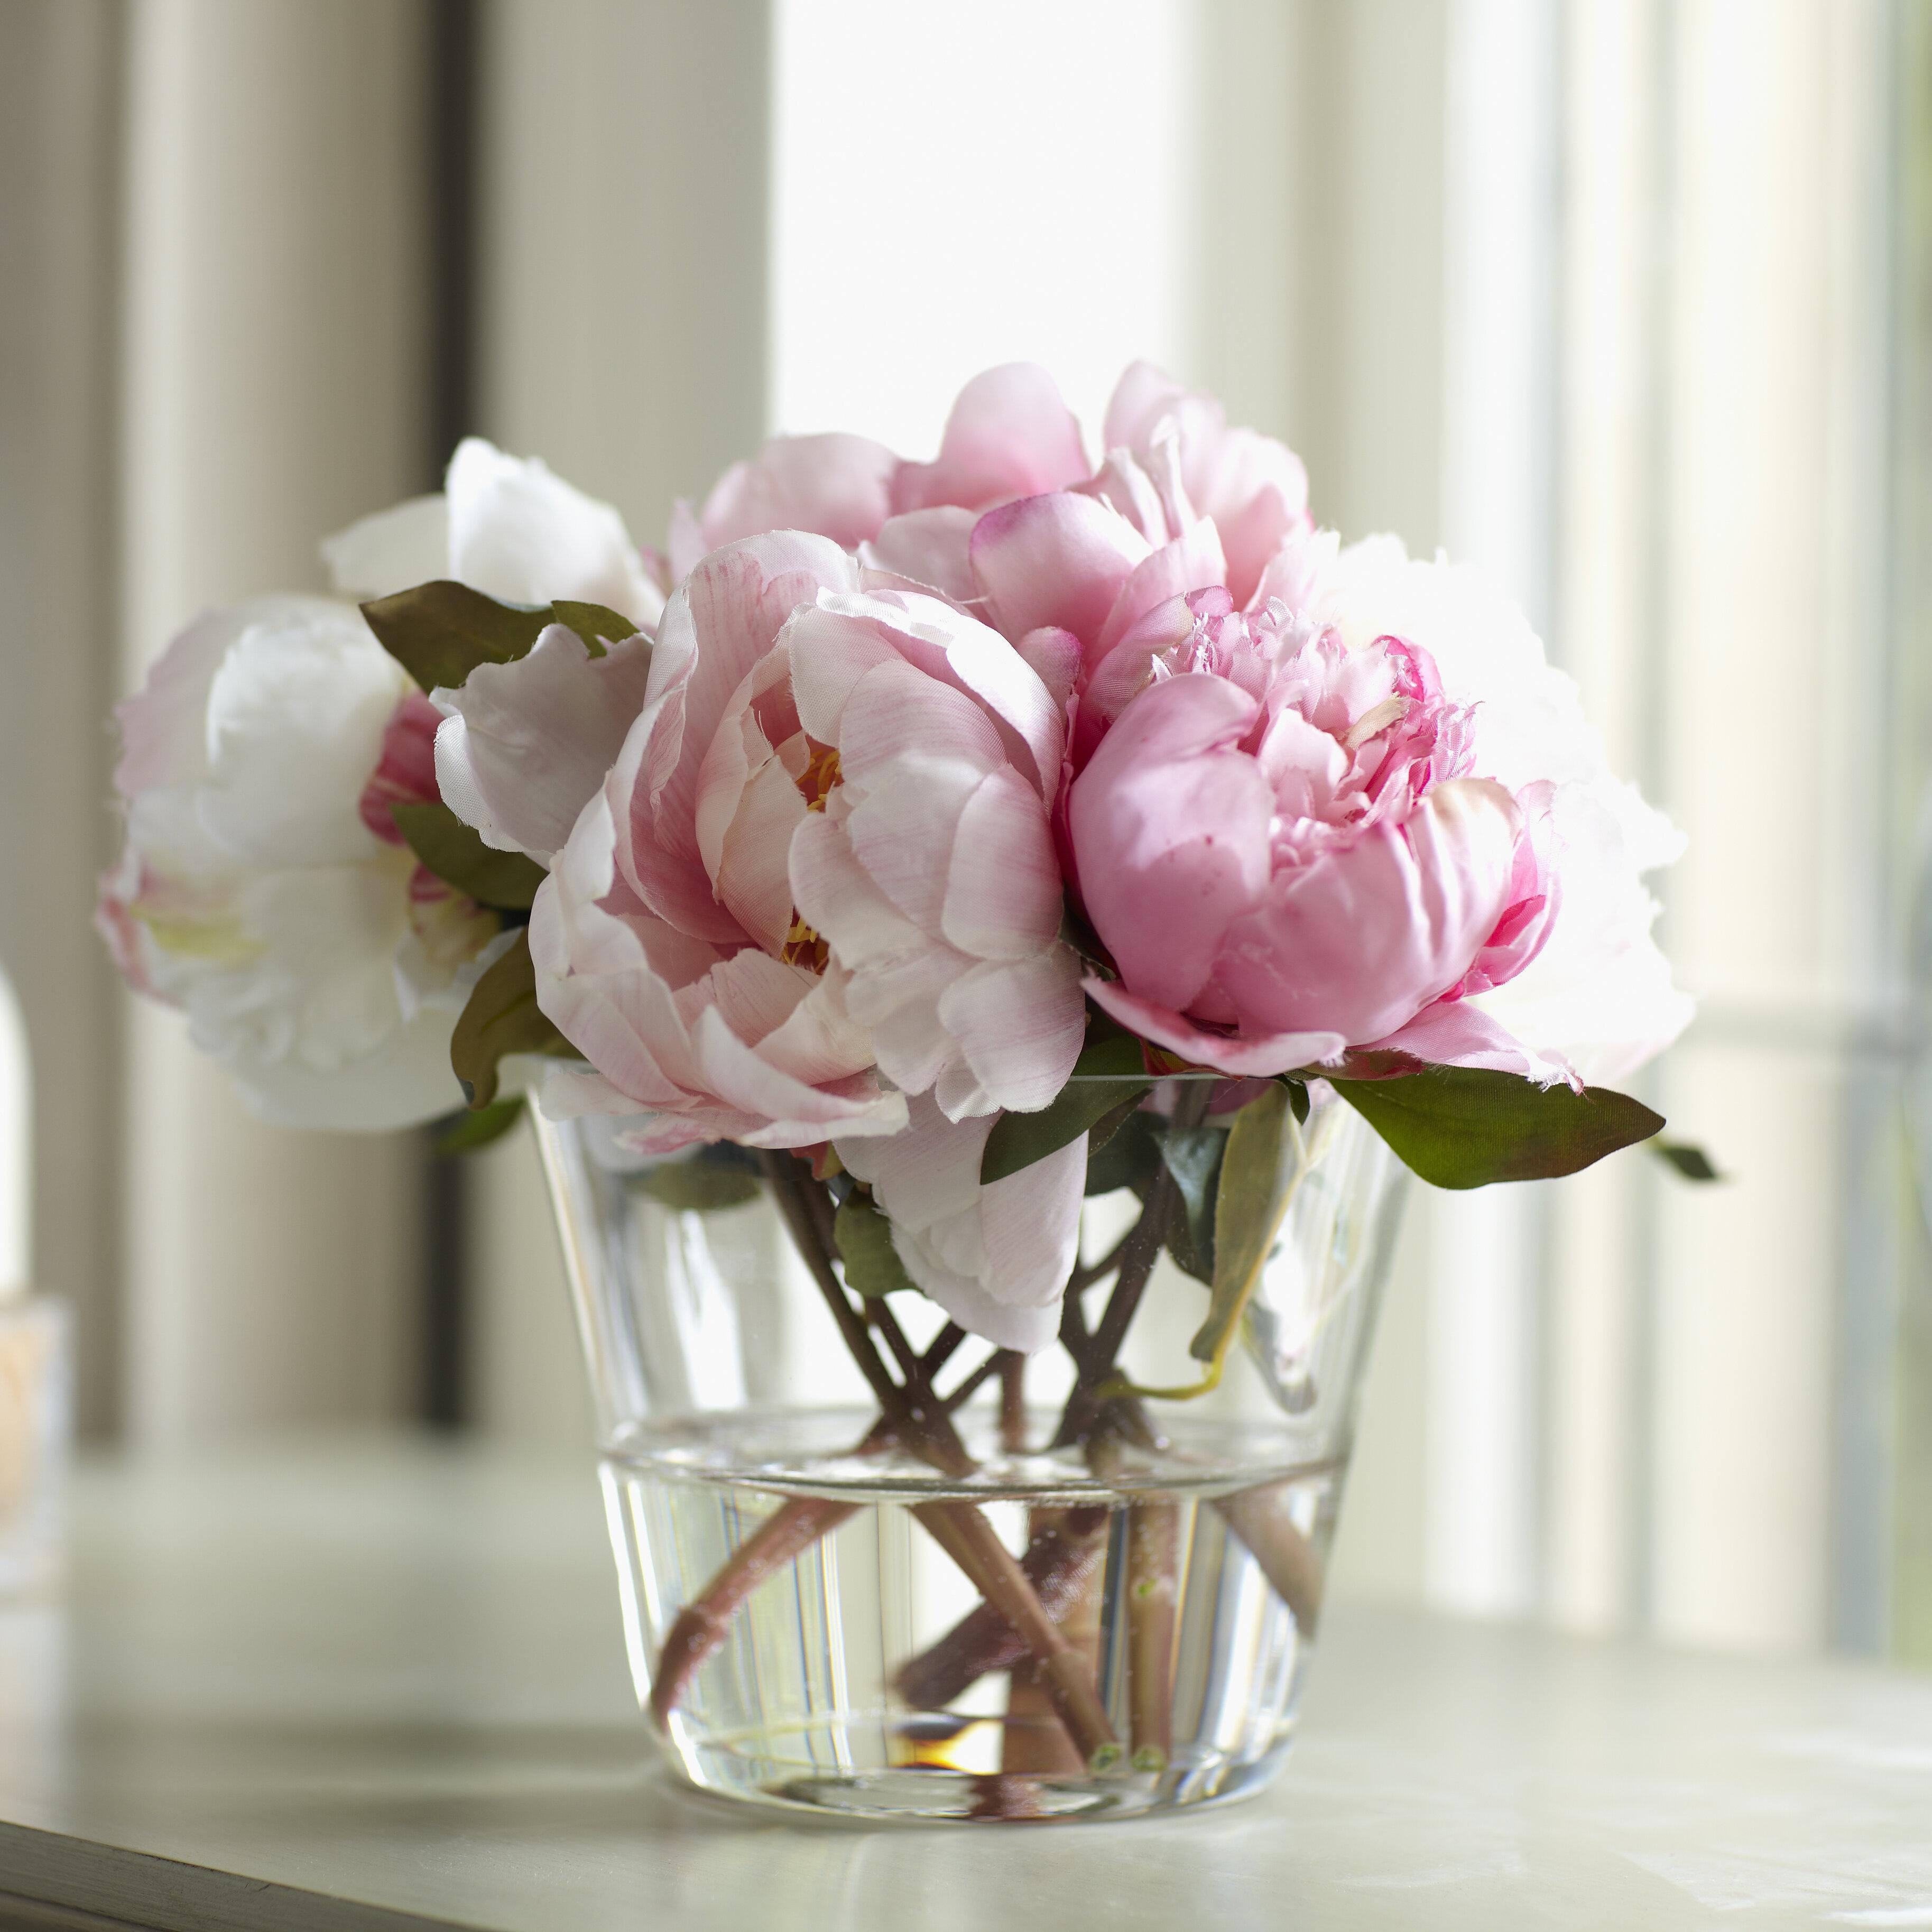 Faux Peony Floral Arrangement In Vase Reviews Joss Main